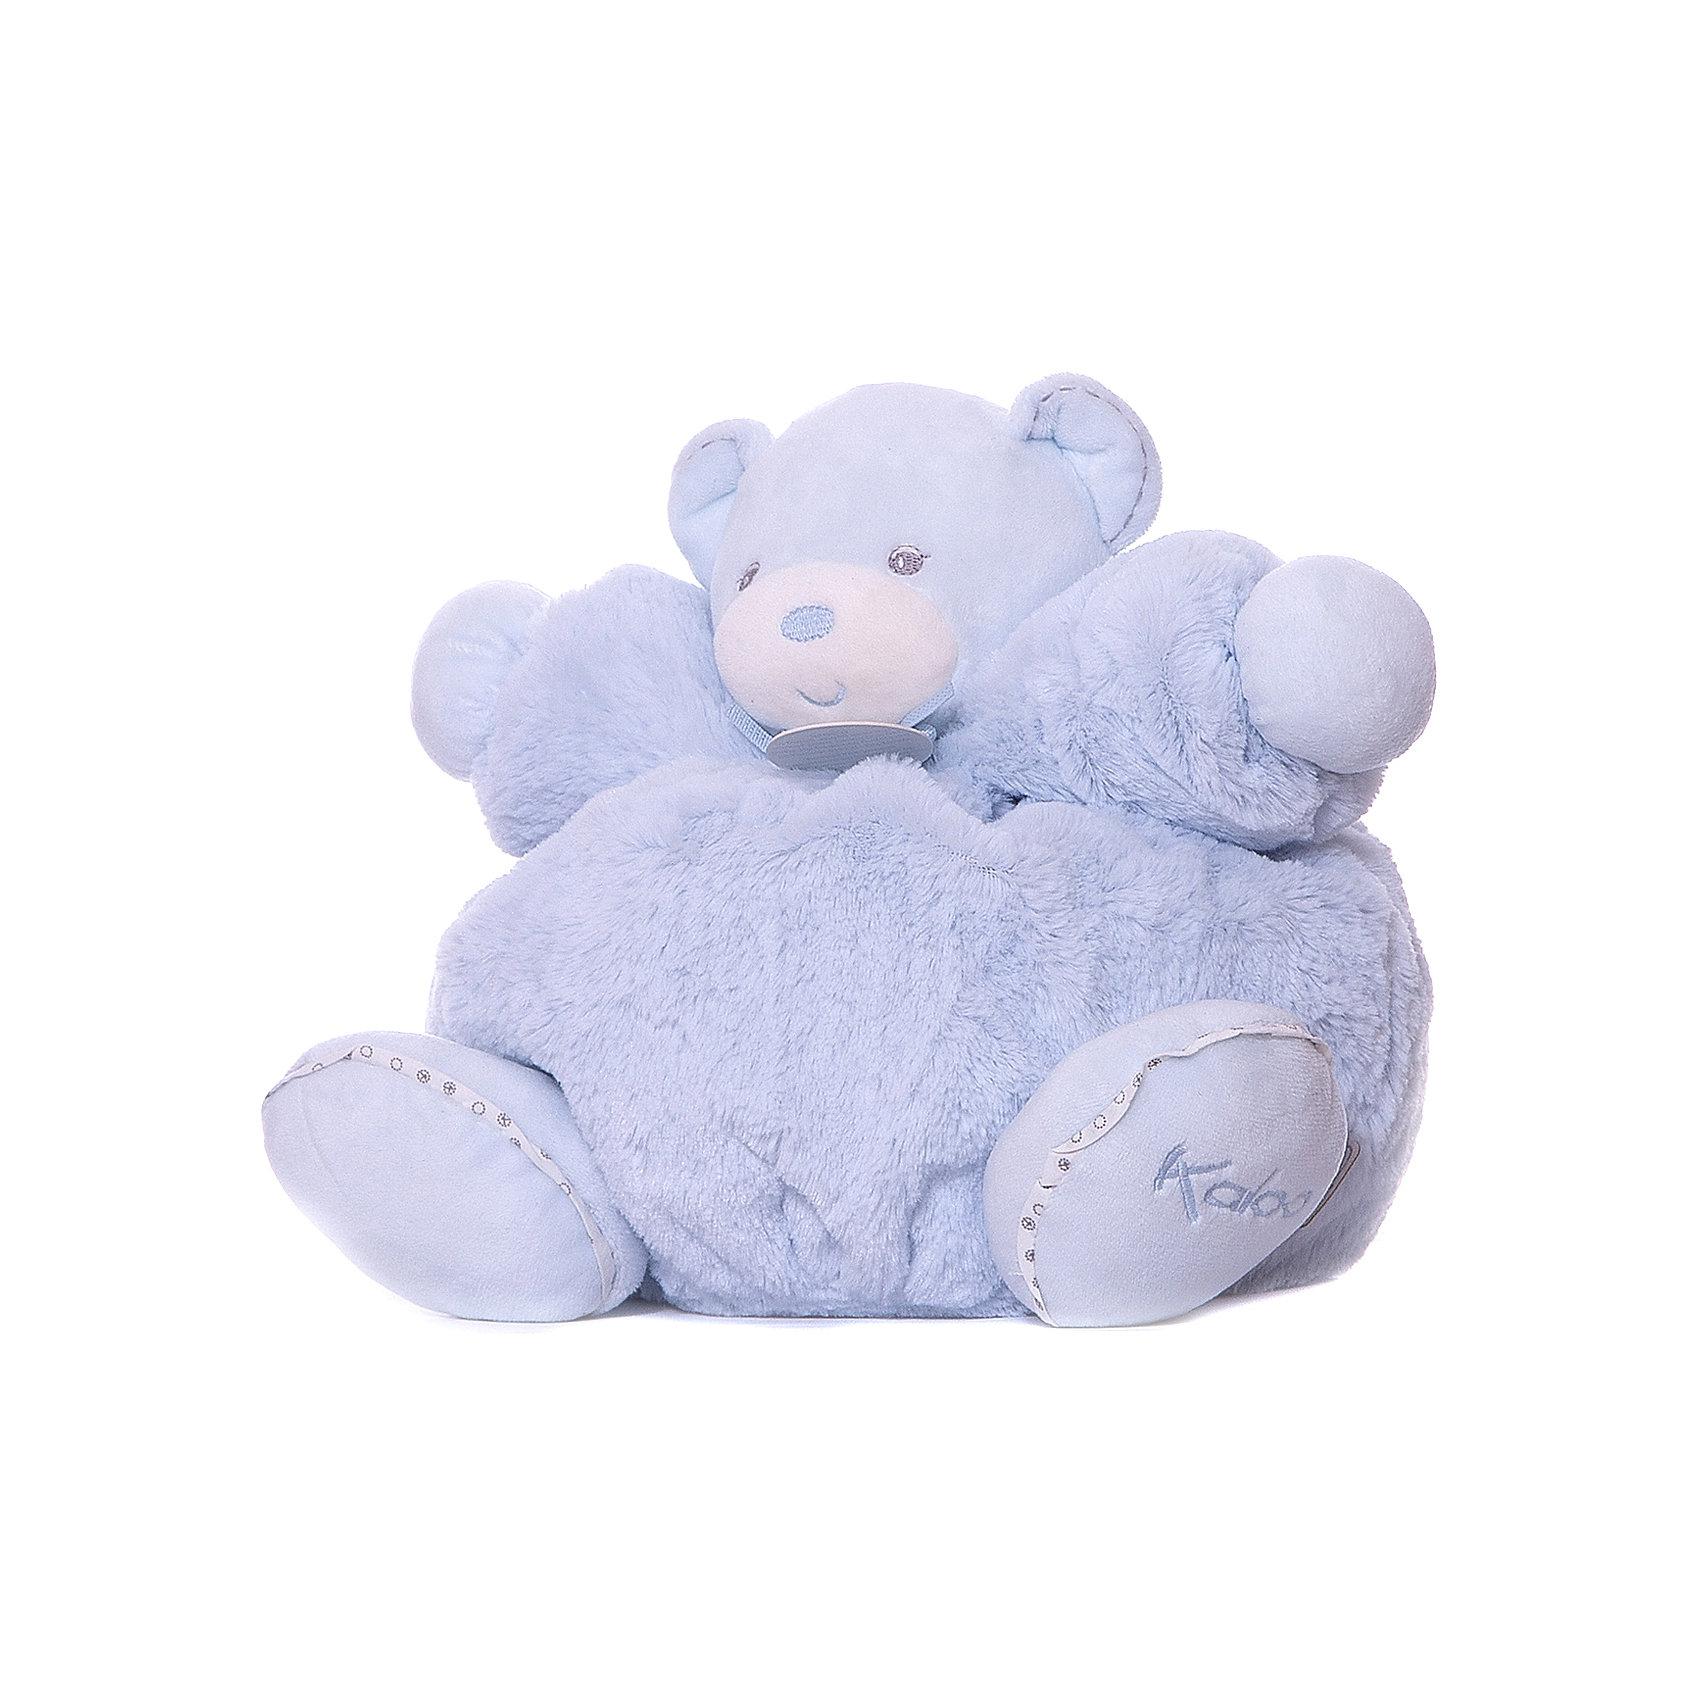 Мишка большой голубой, коллекция Жемчуг, KalooМедвежата<br>Этот прекрасный мишка Kaloo нежно голубого цвета станет отличным подарком на любой праздник и сразу привлечет внимание малыша. <br>Медвежонок выполнен из качественных, гипоаллергенных материалов, которые безопасны для здоровья ребенка, а так же очень приятны на ощупь. <br>Игра с мягкими игрушками поможет ребенку развить моторику и тактильное восприятие.<br><br>Дополнительная информация:<br><br>-Материал: ткань, искусственный мех<br>-Высота игрушки: 30 см<br>-Вес: 0.3 кг<br>-Размер упаковки: диаметр 25 см<br><br>Большого голубого мишку, коллекции Жемчуг, Kaloo можно купить в нашем интернет-магазине.<br><br>Ширина мм: 280<br>Глубина мм: 40<br>Высота мм: 340<br>Вес г: 400<br>Возраст от месяцев: 0<br>Возраст до месяцев: 1188<br>Пол: Унисекс<br>Возраст: Детский<br>SKU: 4862334